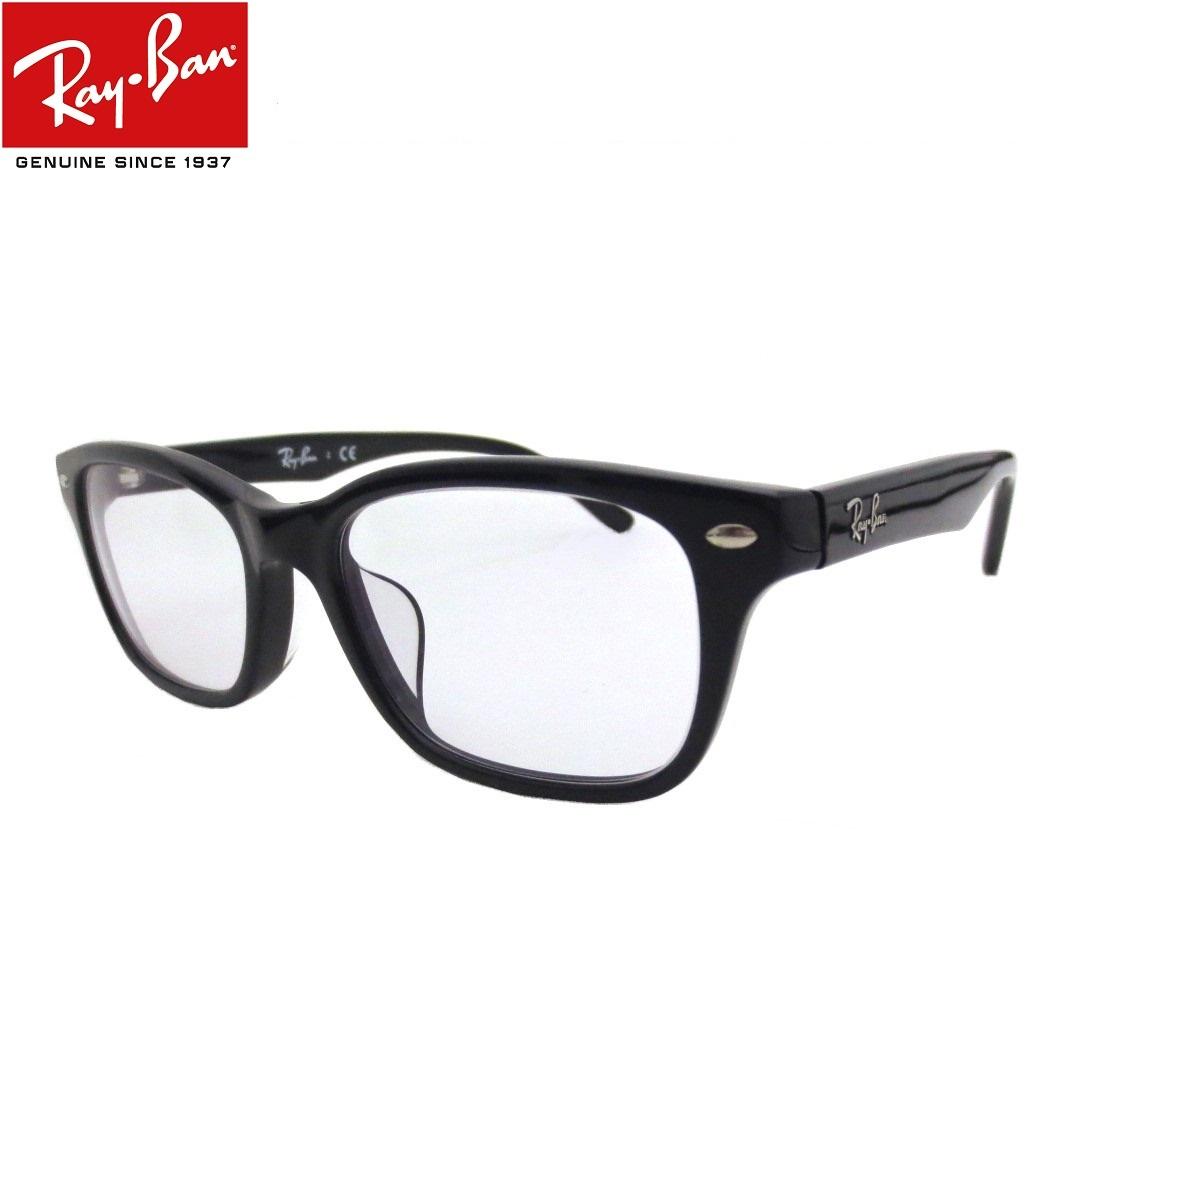 あす楽対応・色が変わる調光レンズ付 レイバン メガネ メガネフレーム Ray-Ban RX5345D 2000(53)送料無料 調光メガネセット(調光サングラス 調光レンズセット)大人気のクロセルフレーム RX5109に近いデザイン